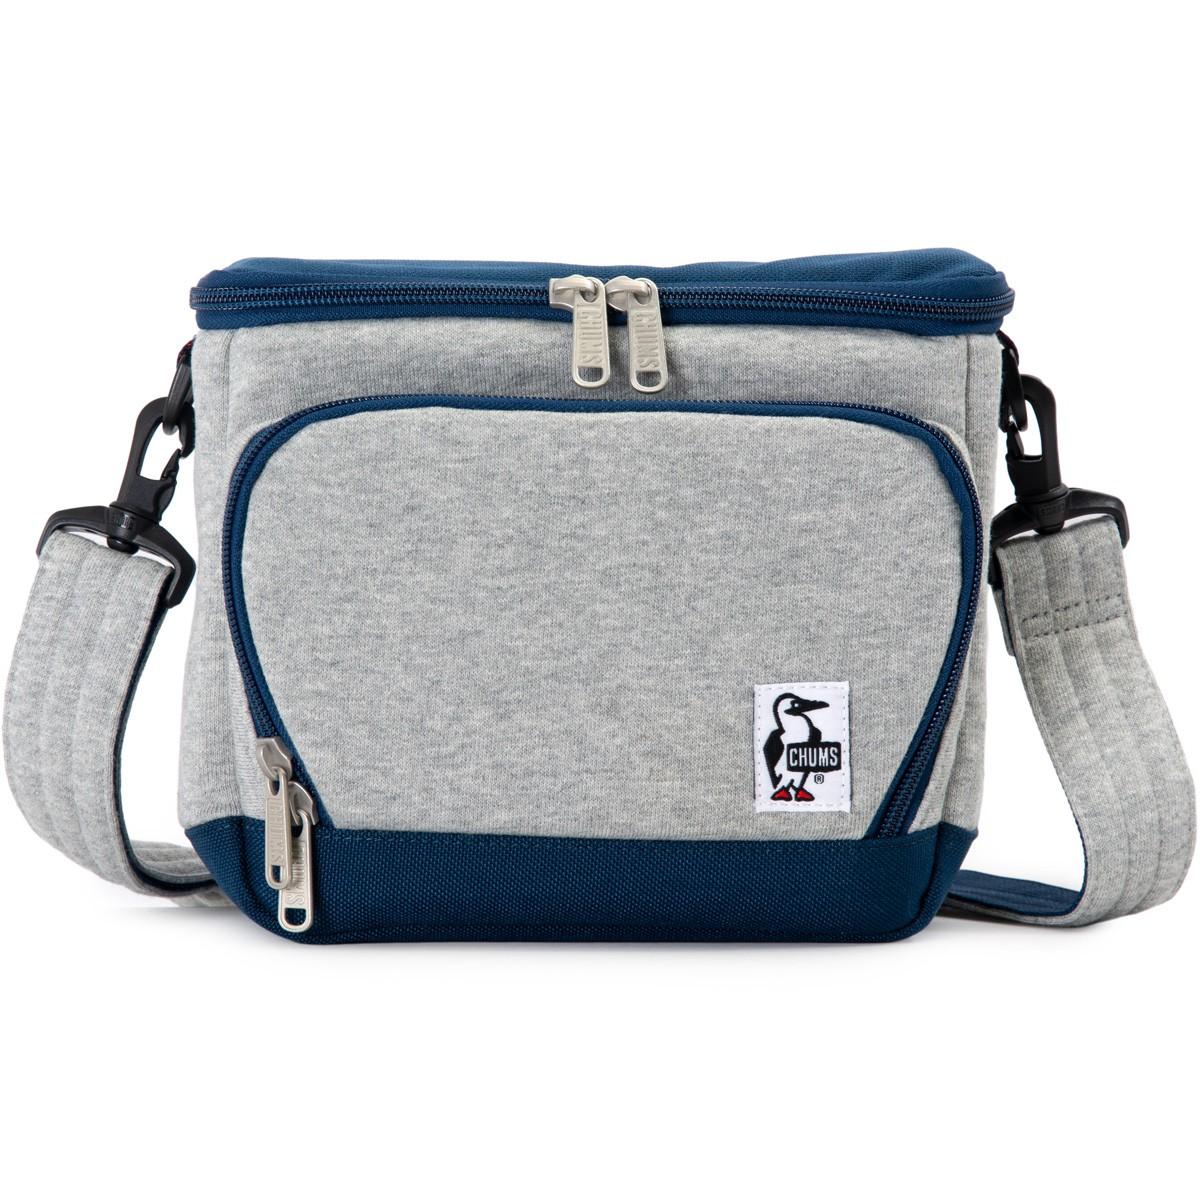 CHUMS Box Camera Bag カメラバッグ